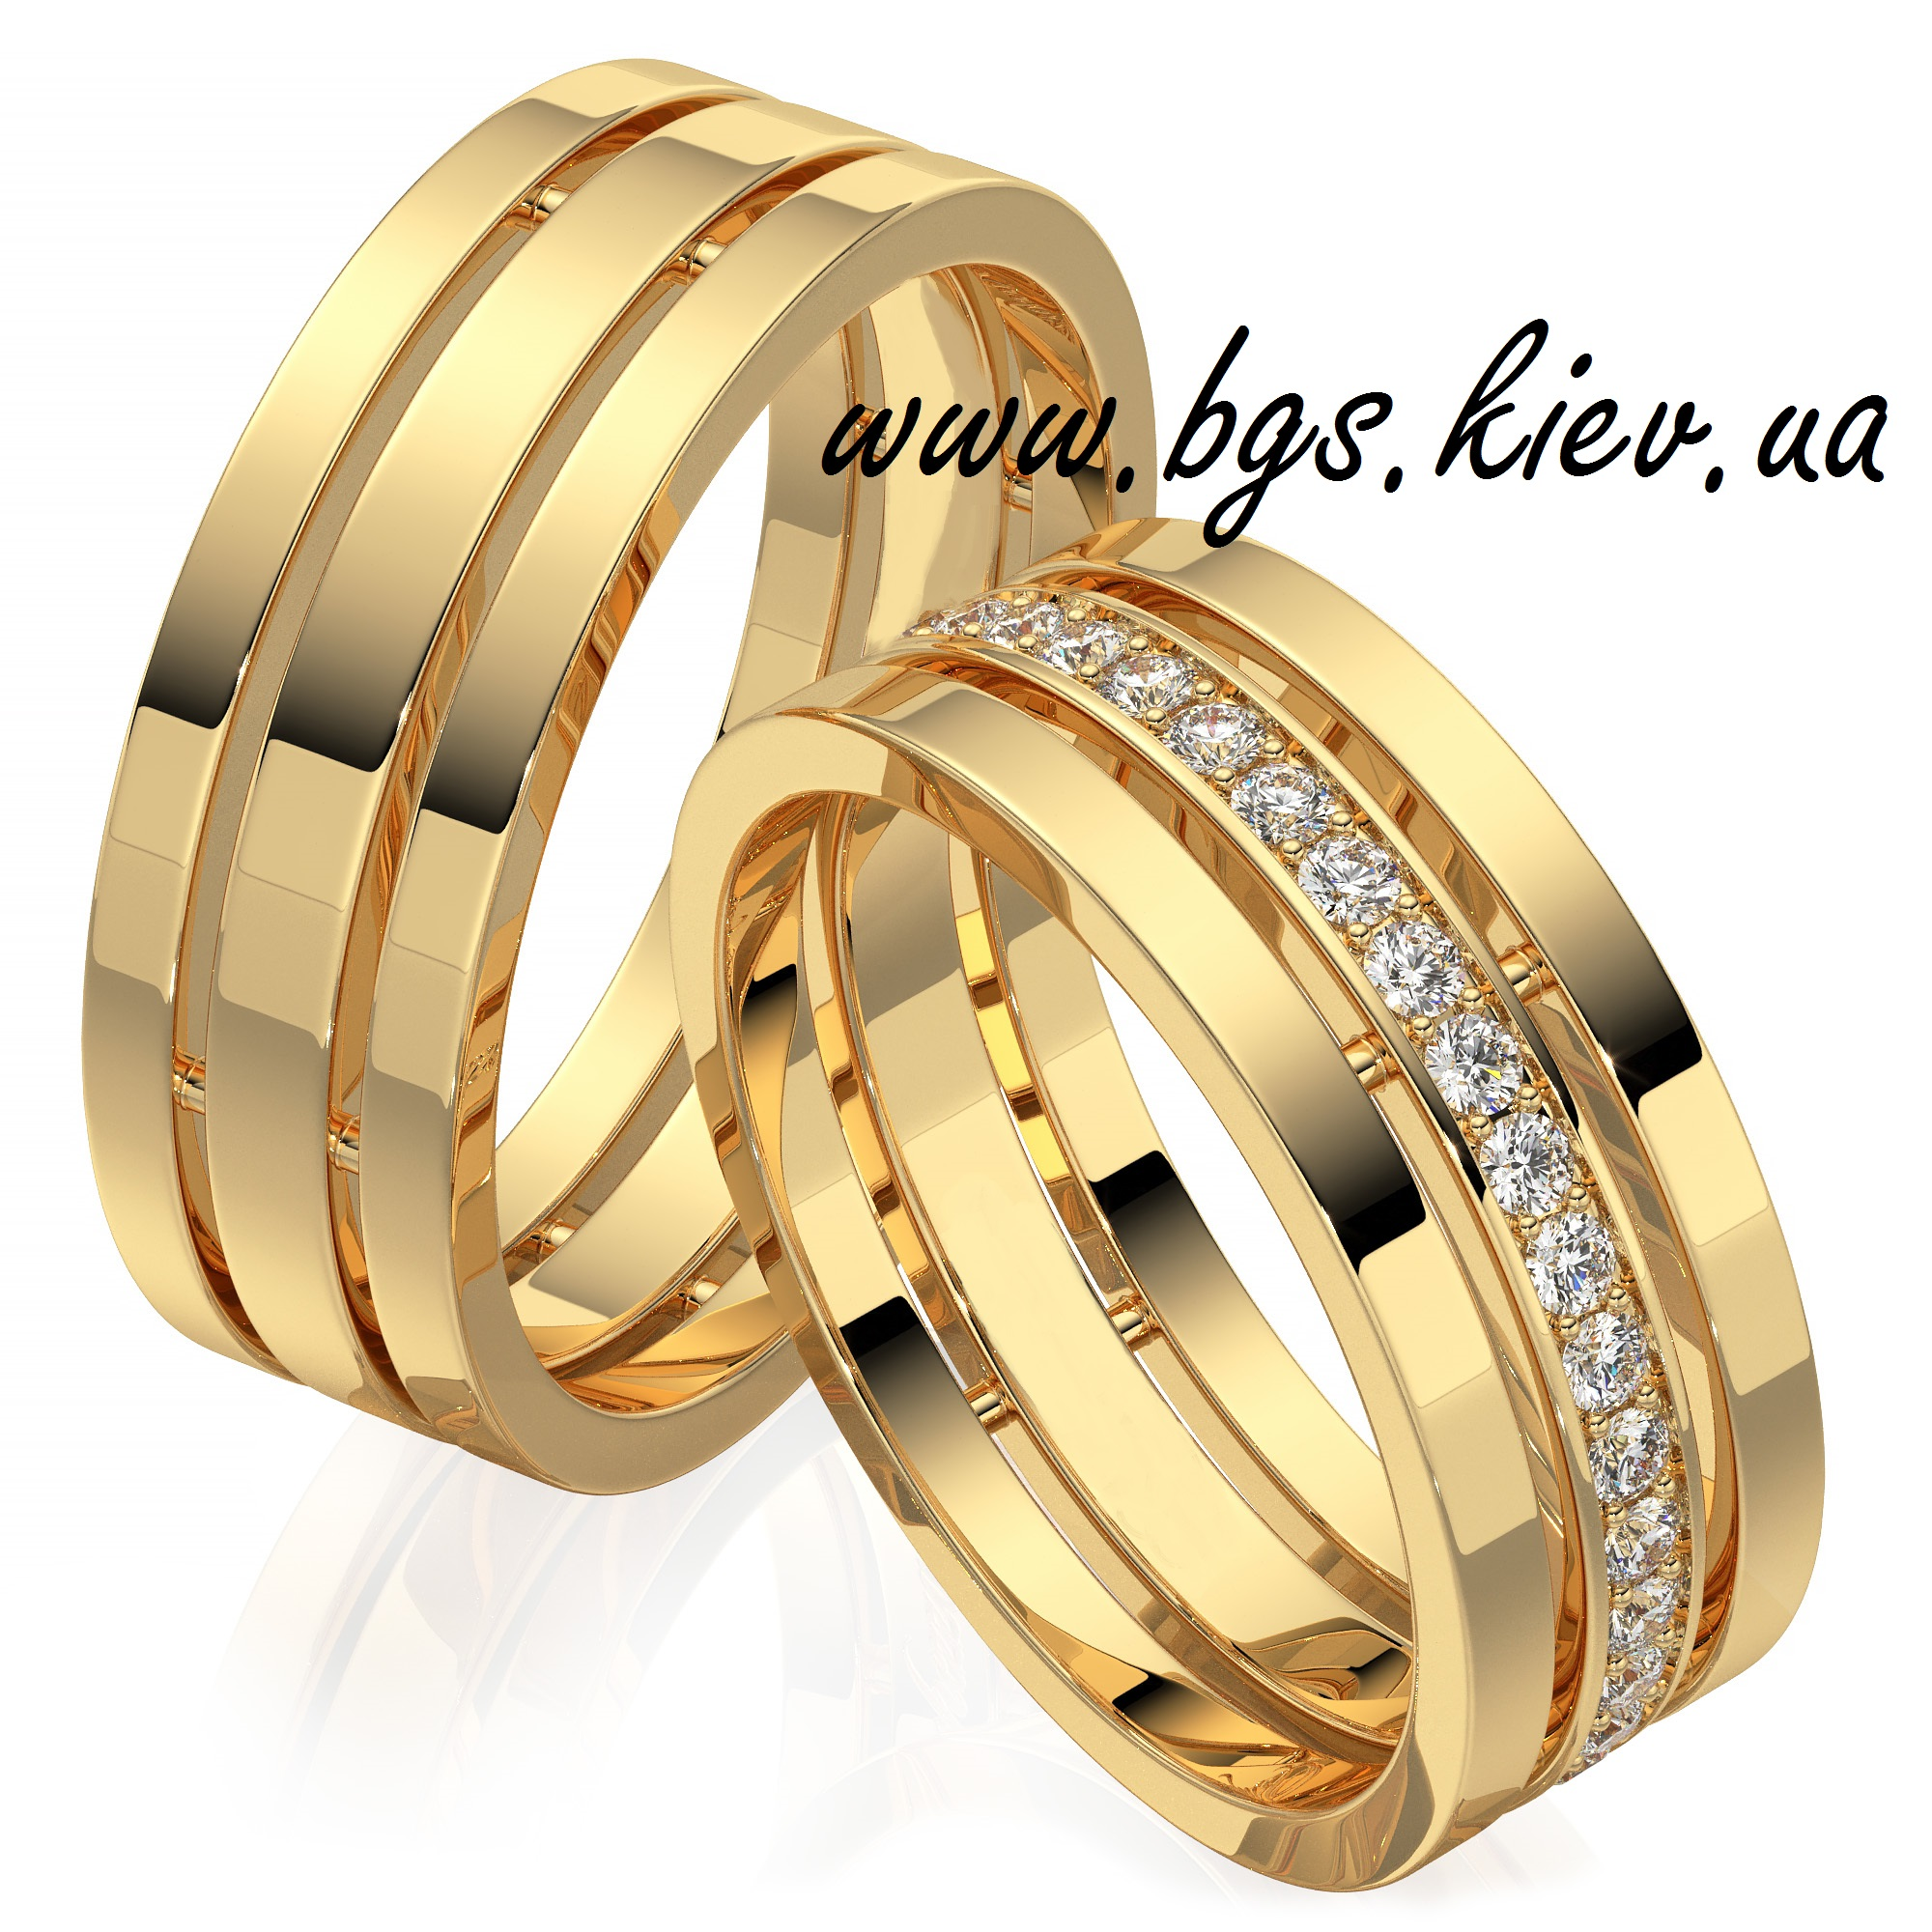 f973d39d5e0c Обручальные кольца из желтого золота - классические золотые женские ...